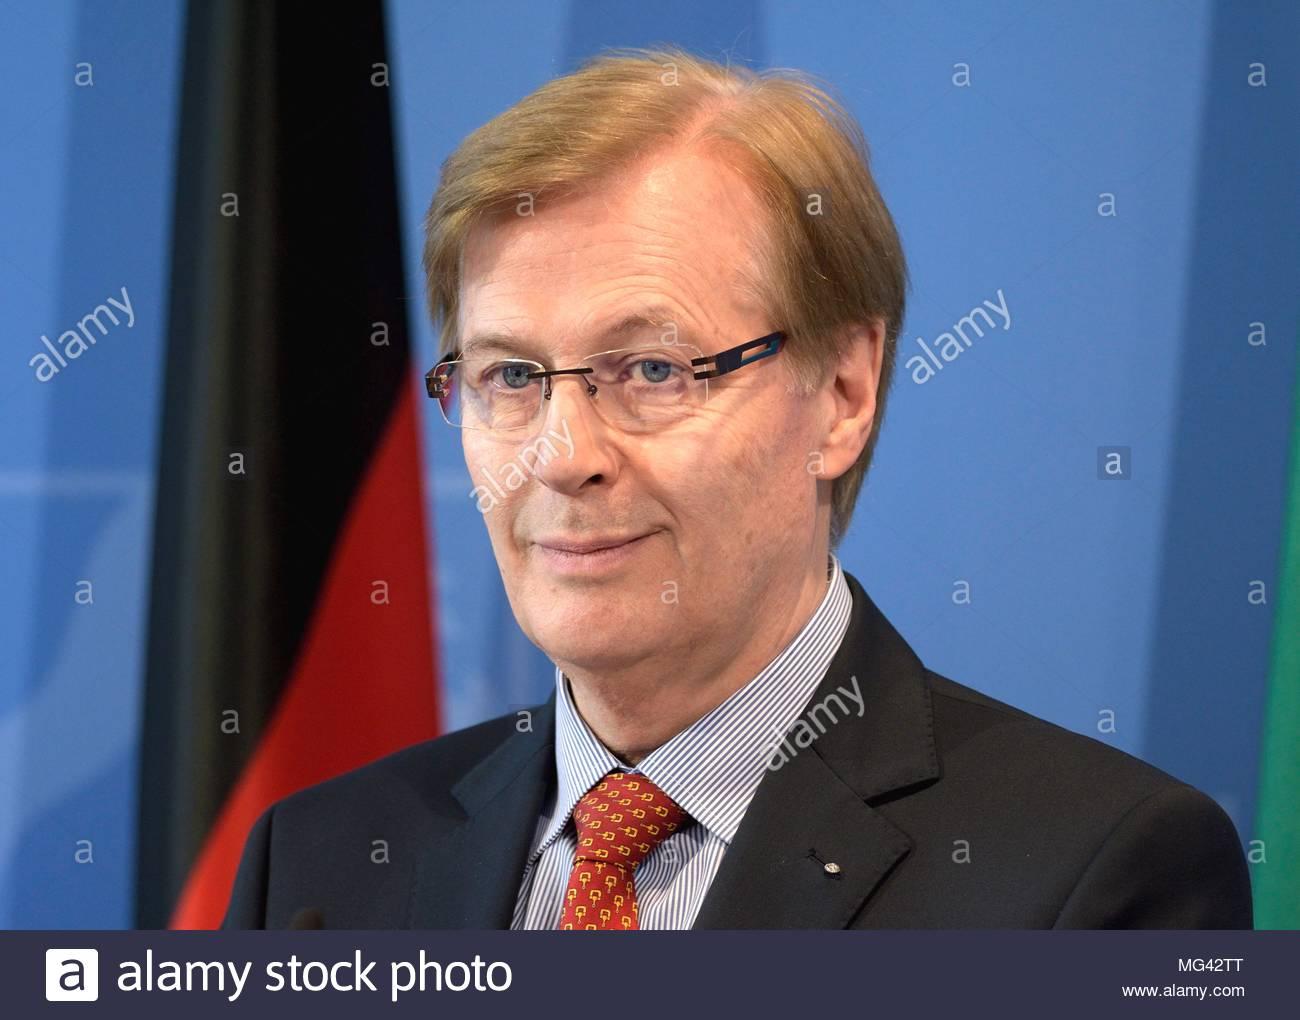 Peter Biesenbach Stockbild